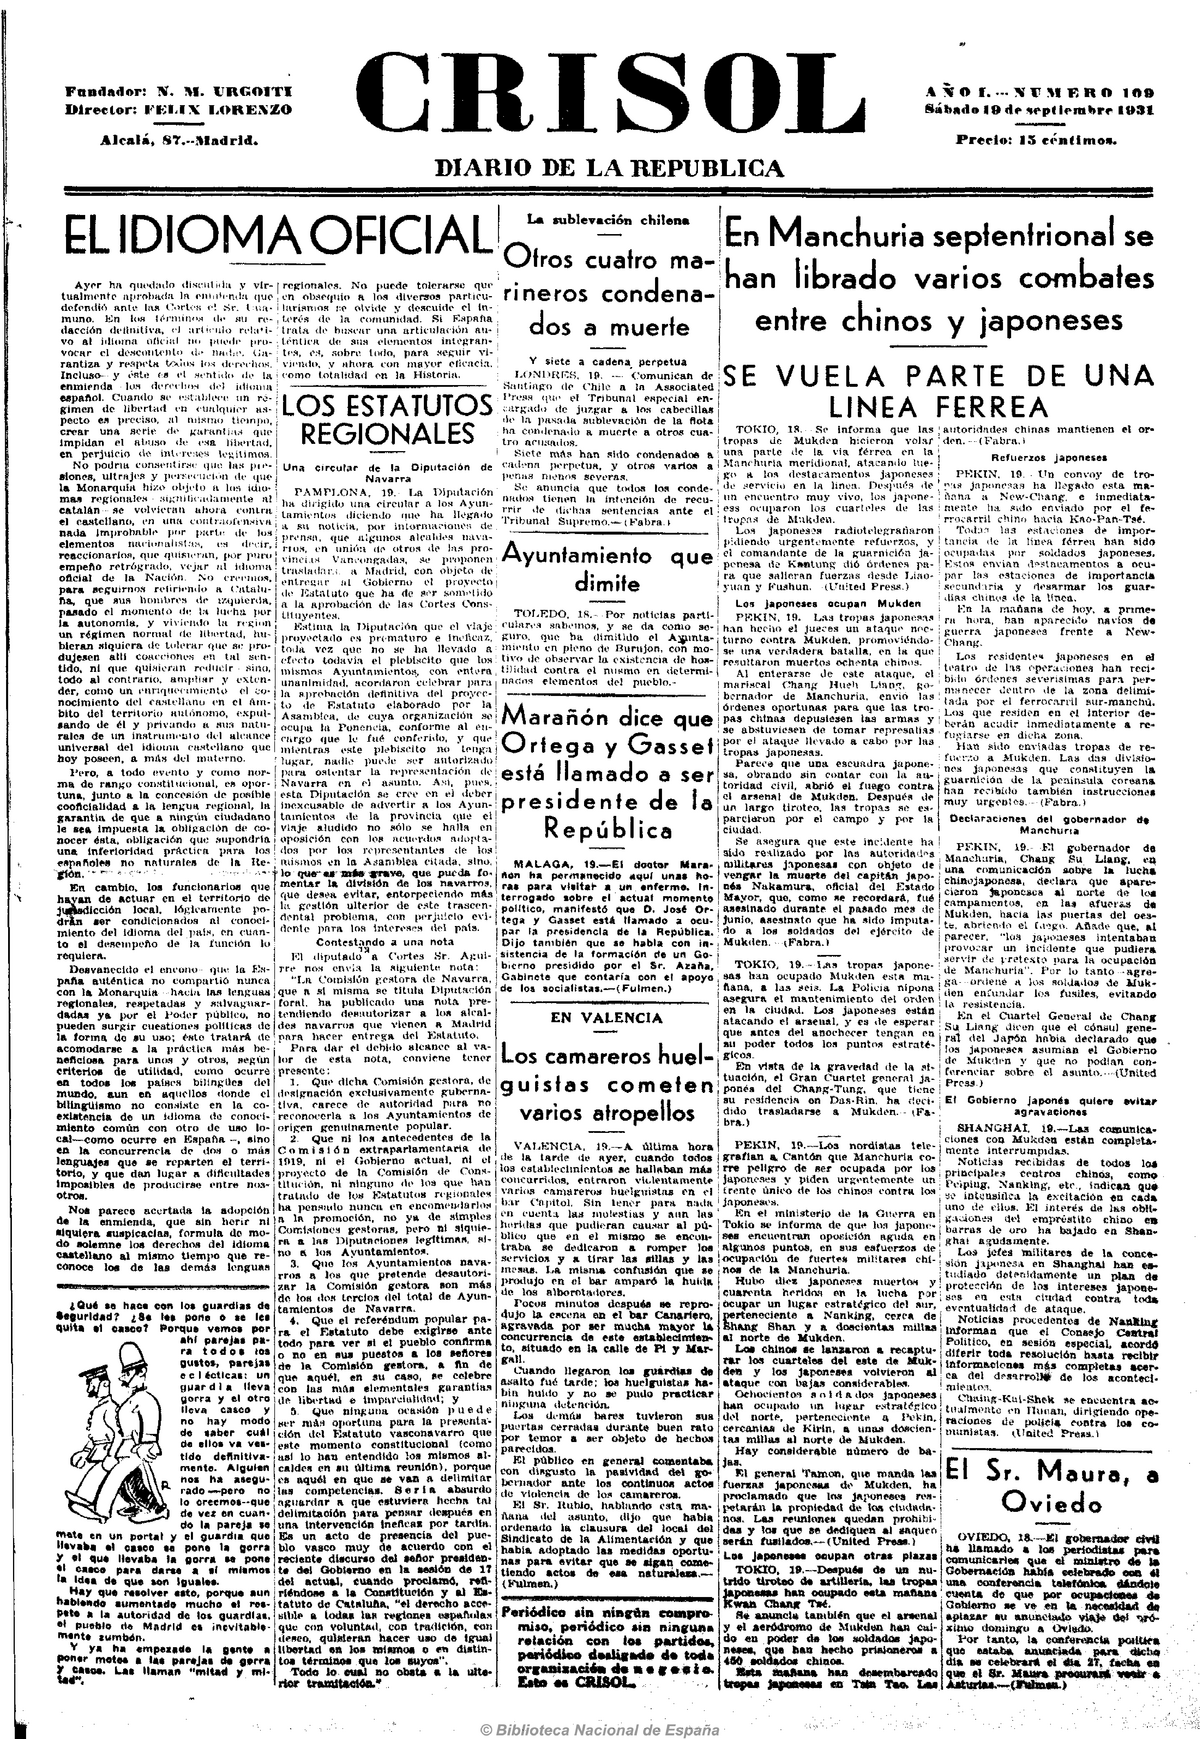 Crisol (Madrid  1931)  19-9-1931nesa - Historia 001 - UNSA